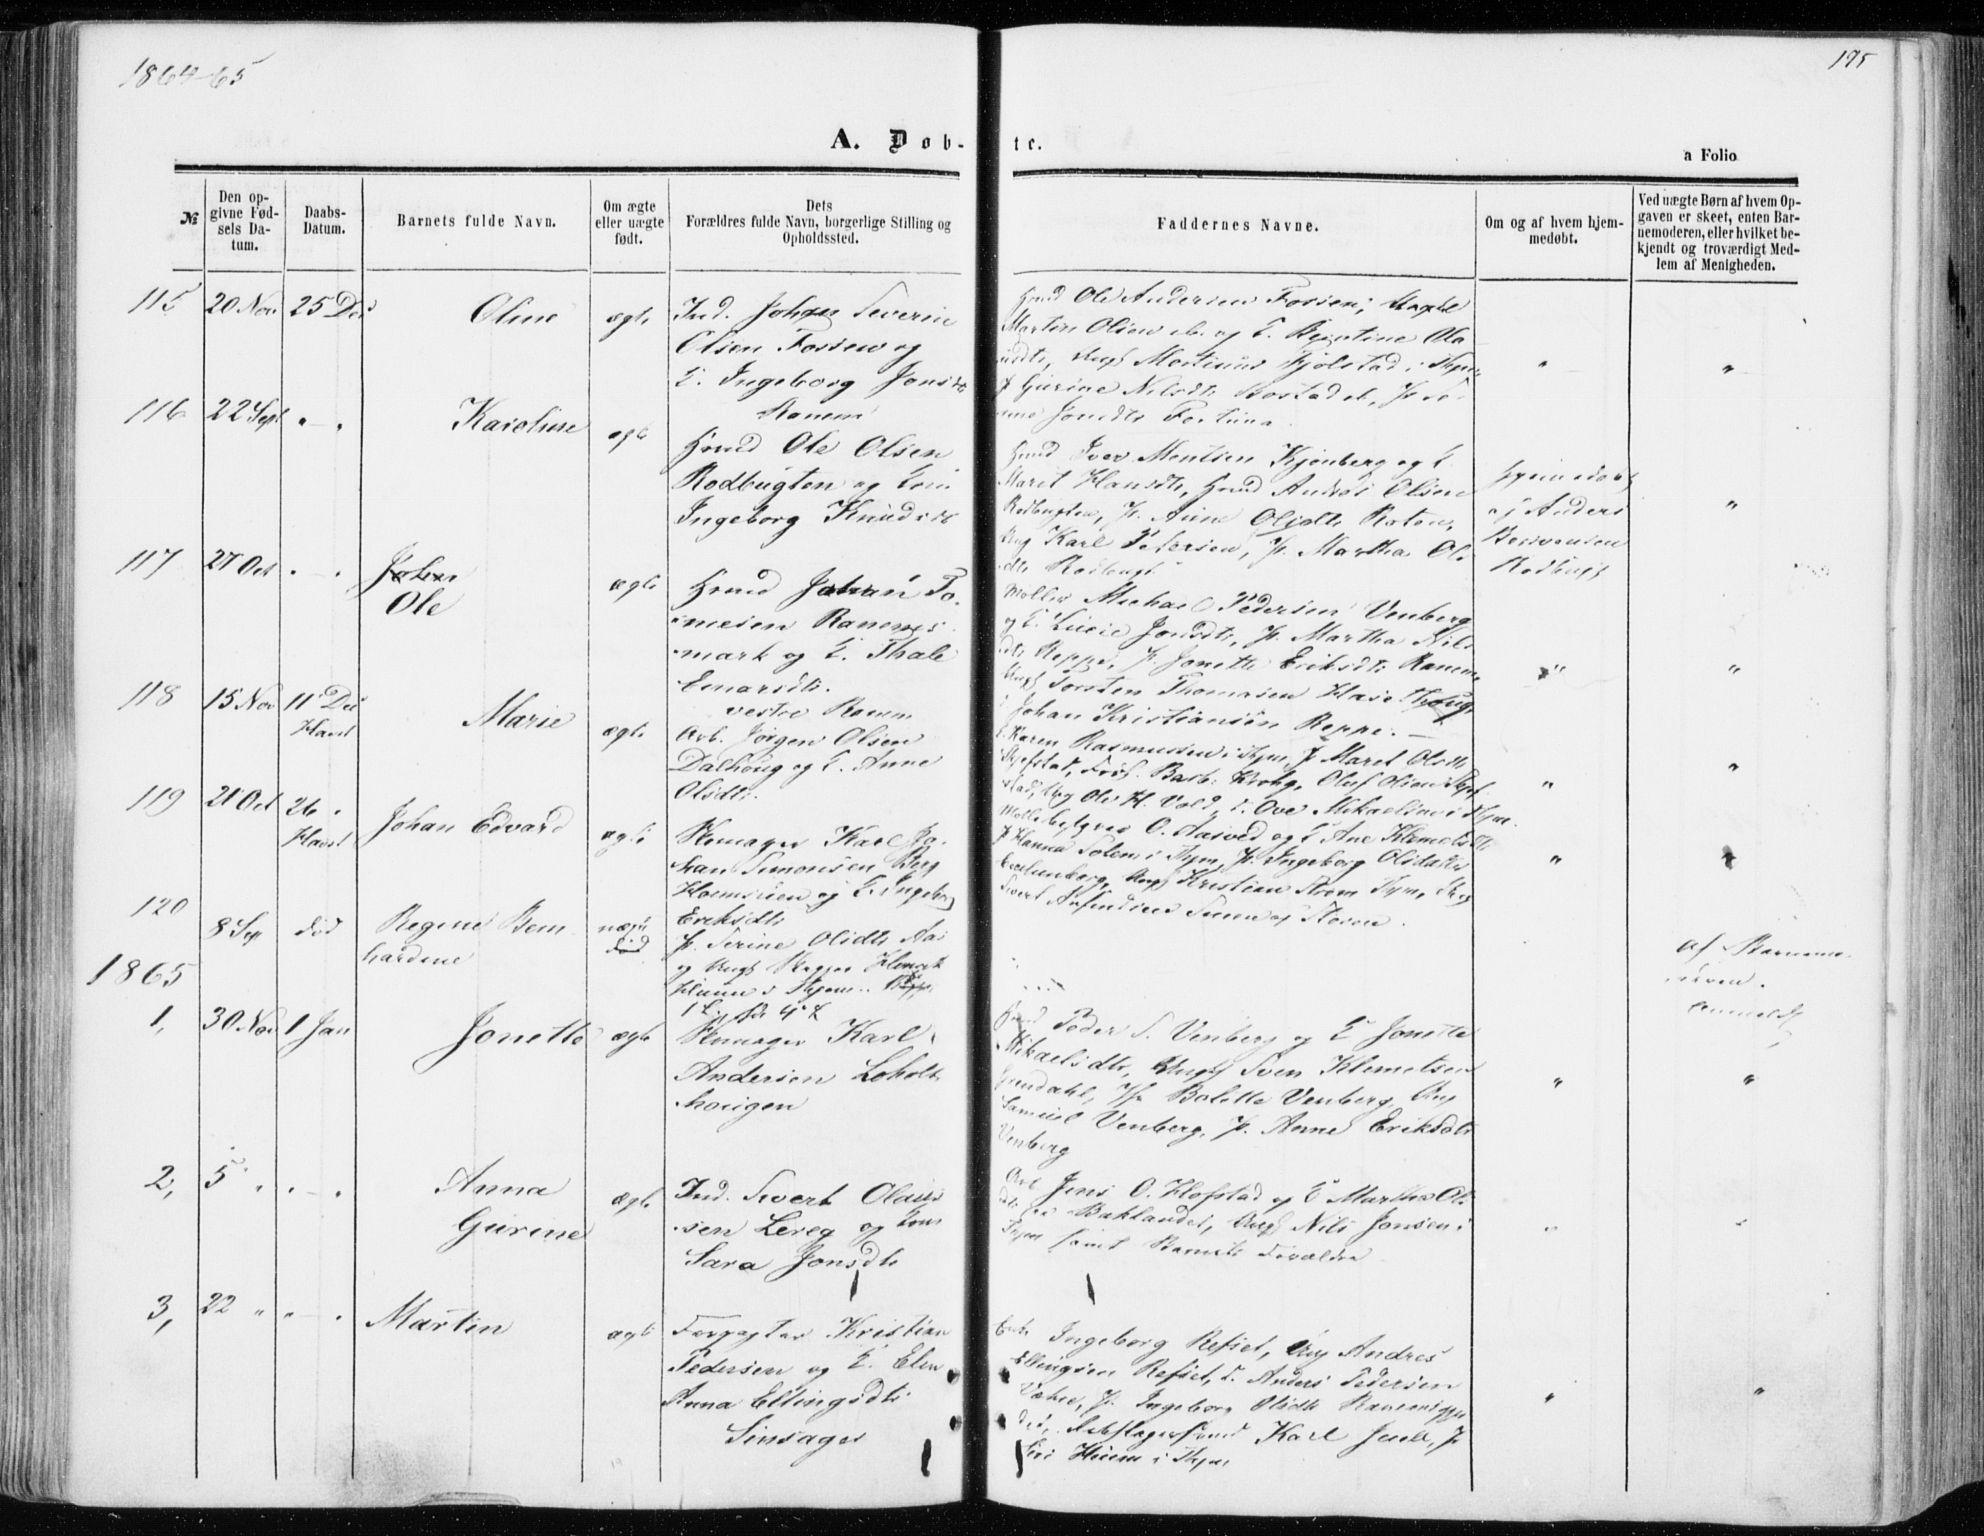 SAT, Ministerialprotokoller, klokkerbøker og fødselsregistre - Sør-Trøndelag, 606/L0292: Ministerialbok nr. 606A07, 1856-1865, s. 195